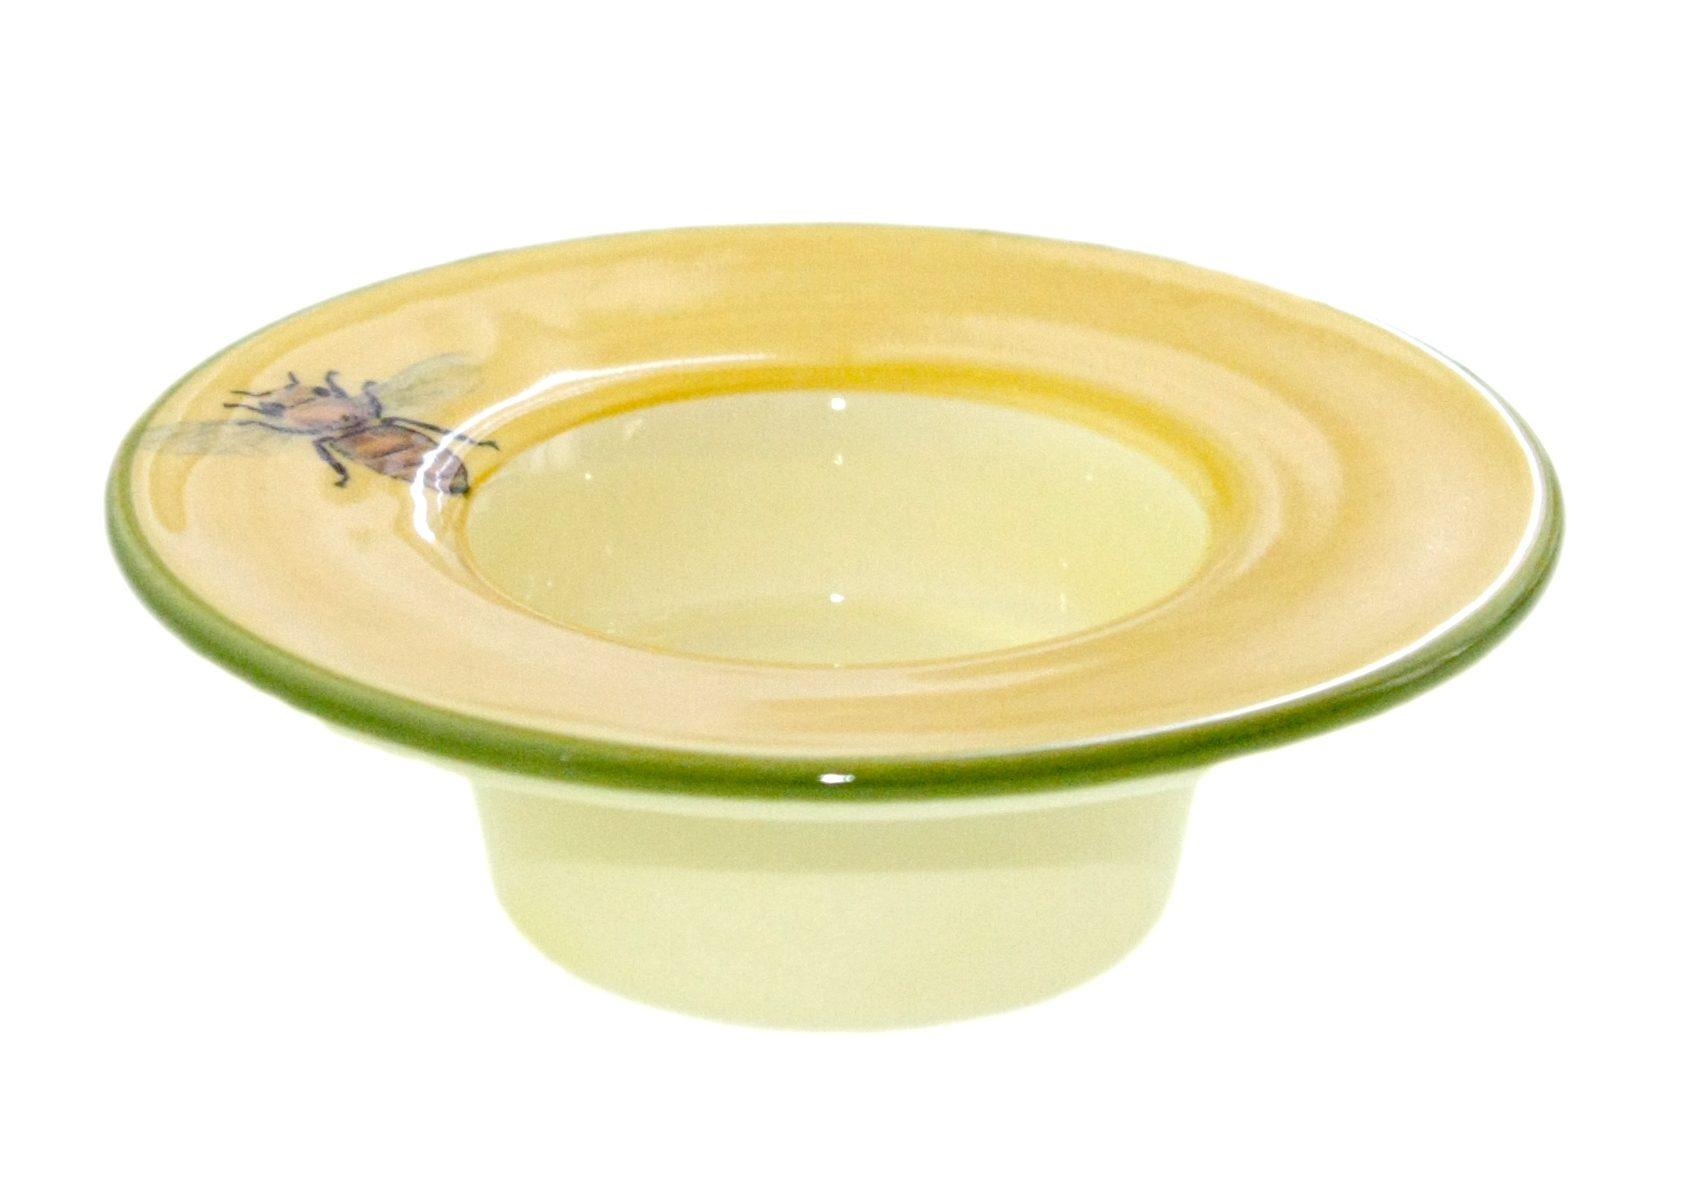 Zeller Keramik Teelichthalter mit weißem Teelicht »Biene«